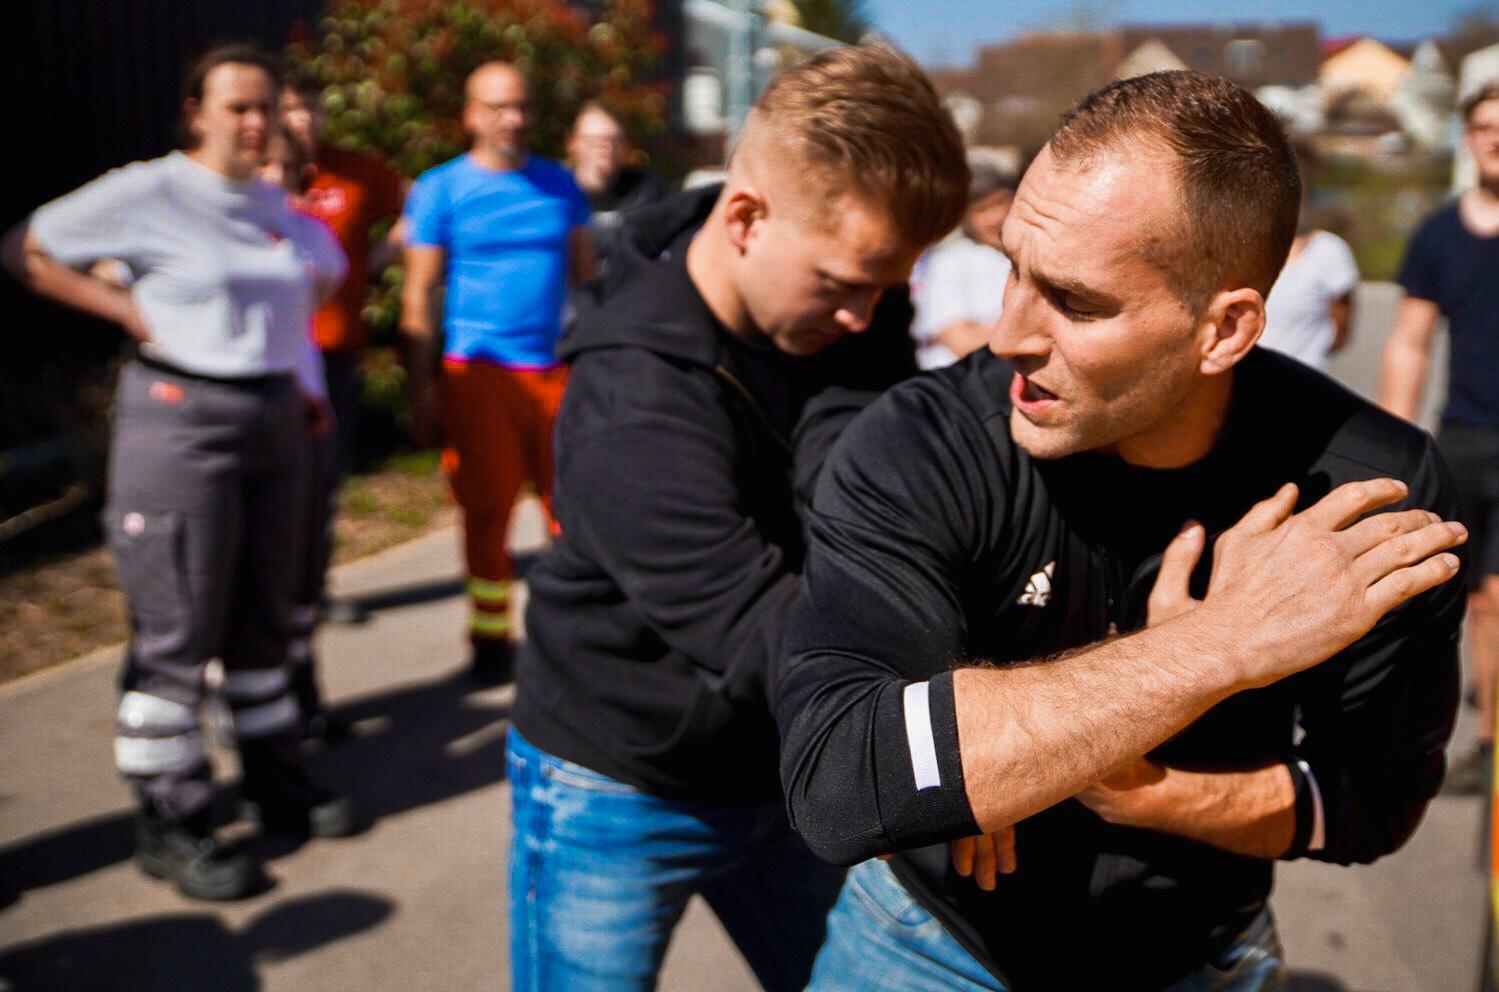 Sportakademie Baumann Krav Maga Defcon Car Defence 1